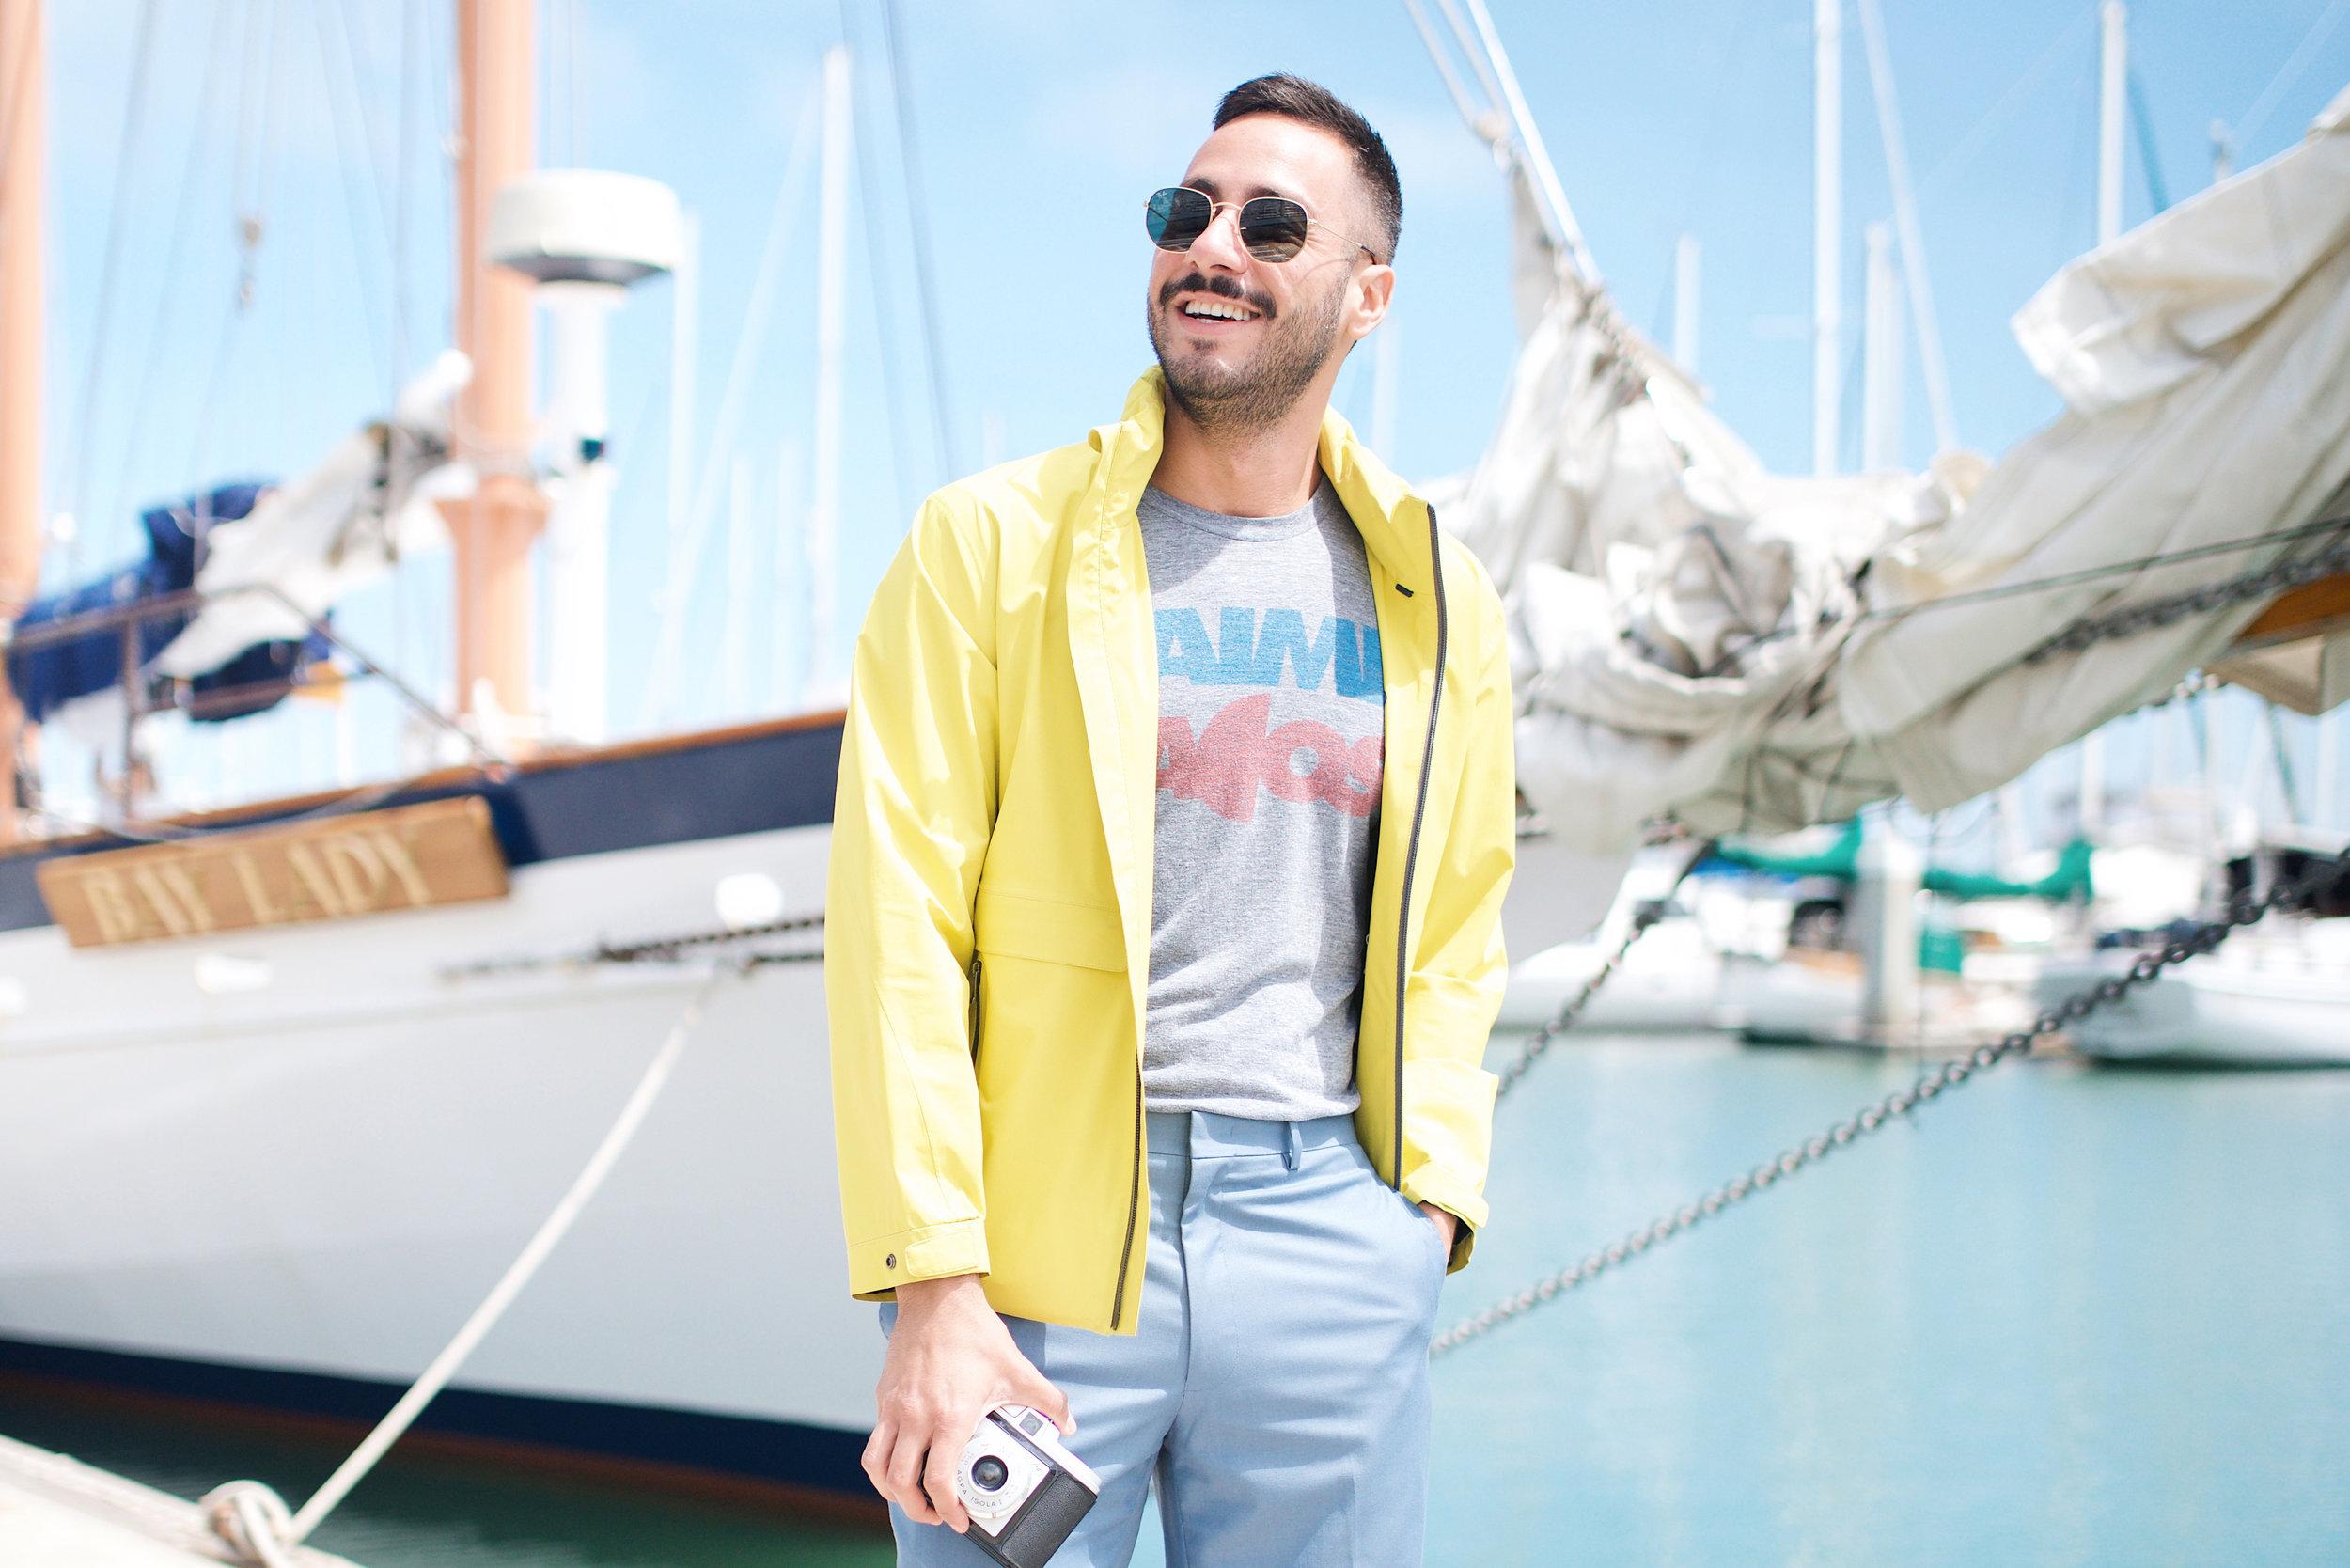 bright-jacket.jpg